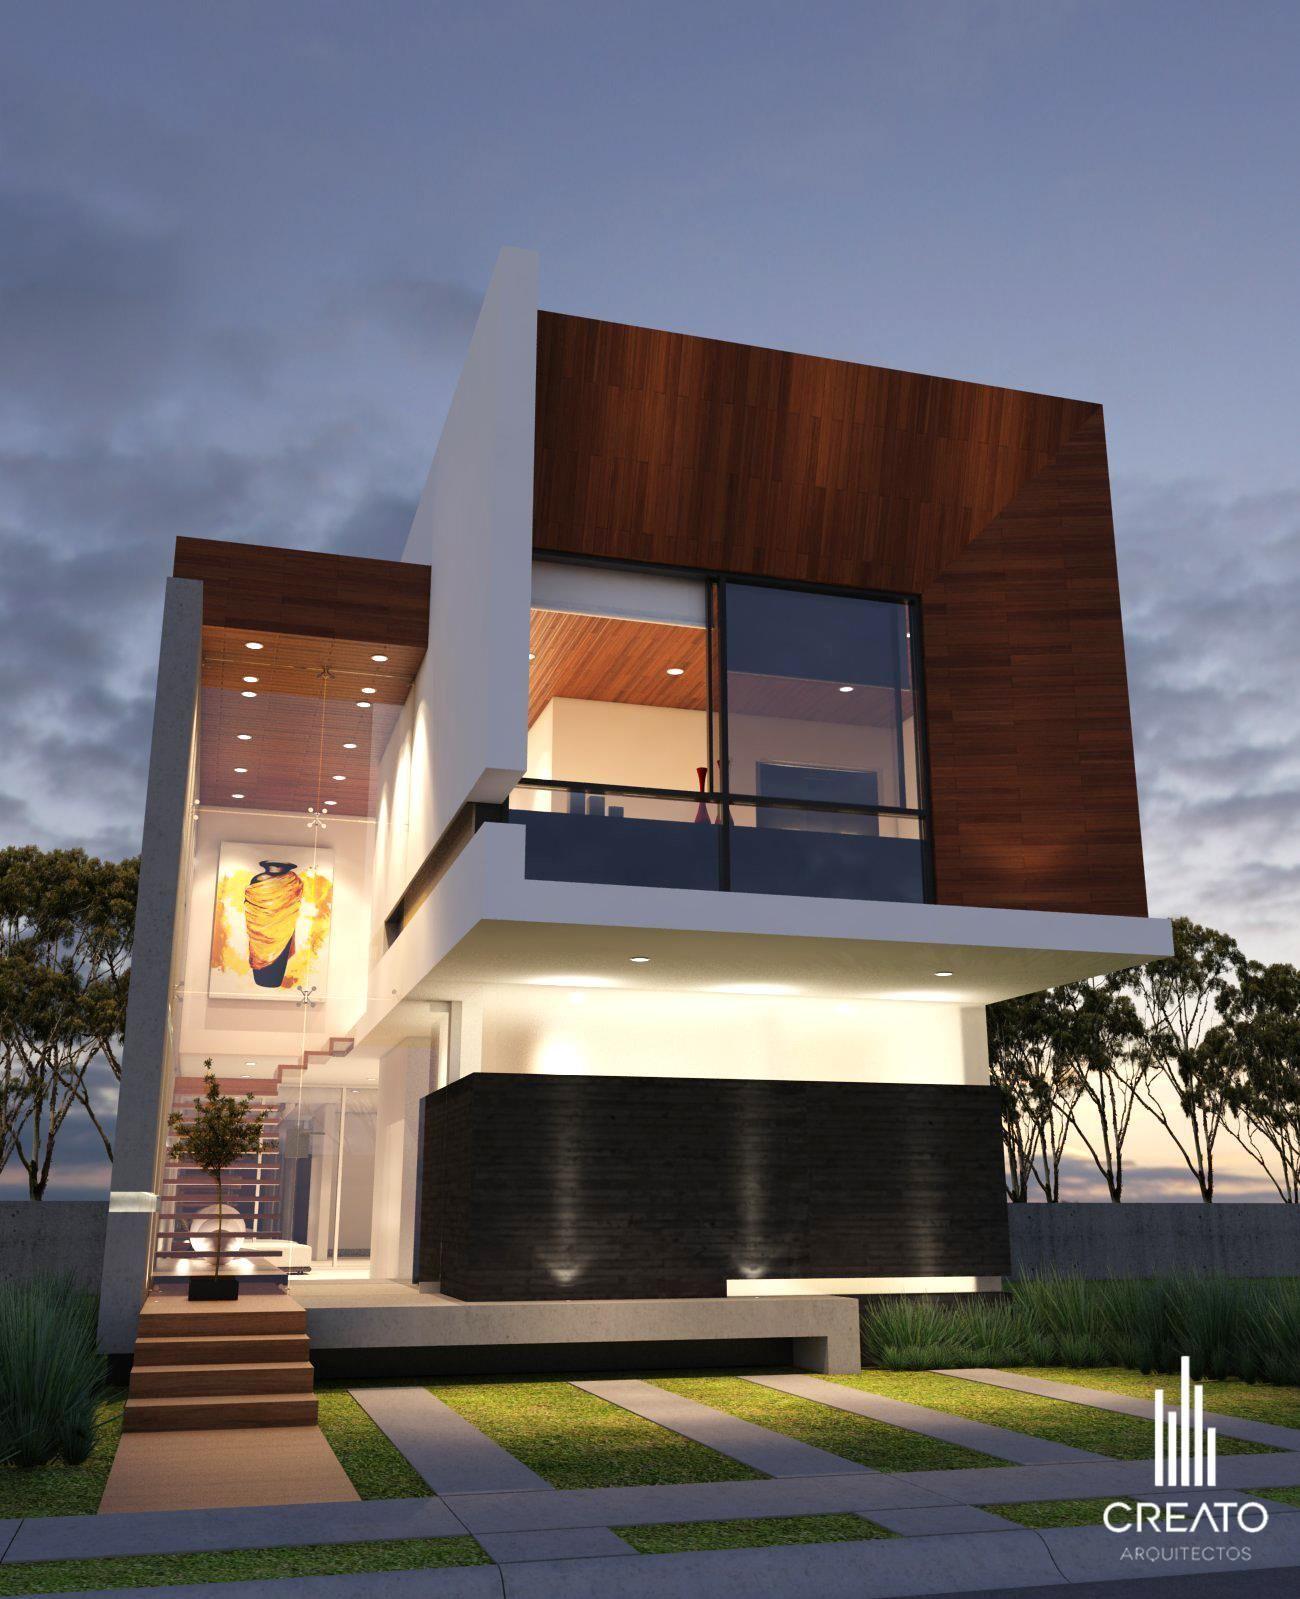 casas fachadas pinterest Buscar con Google Planos de